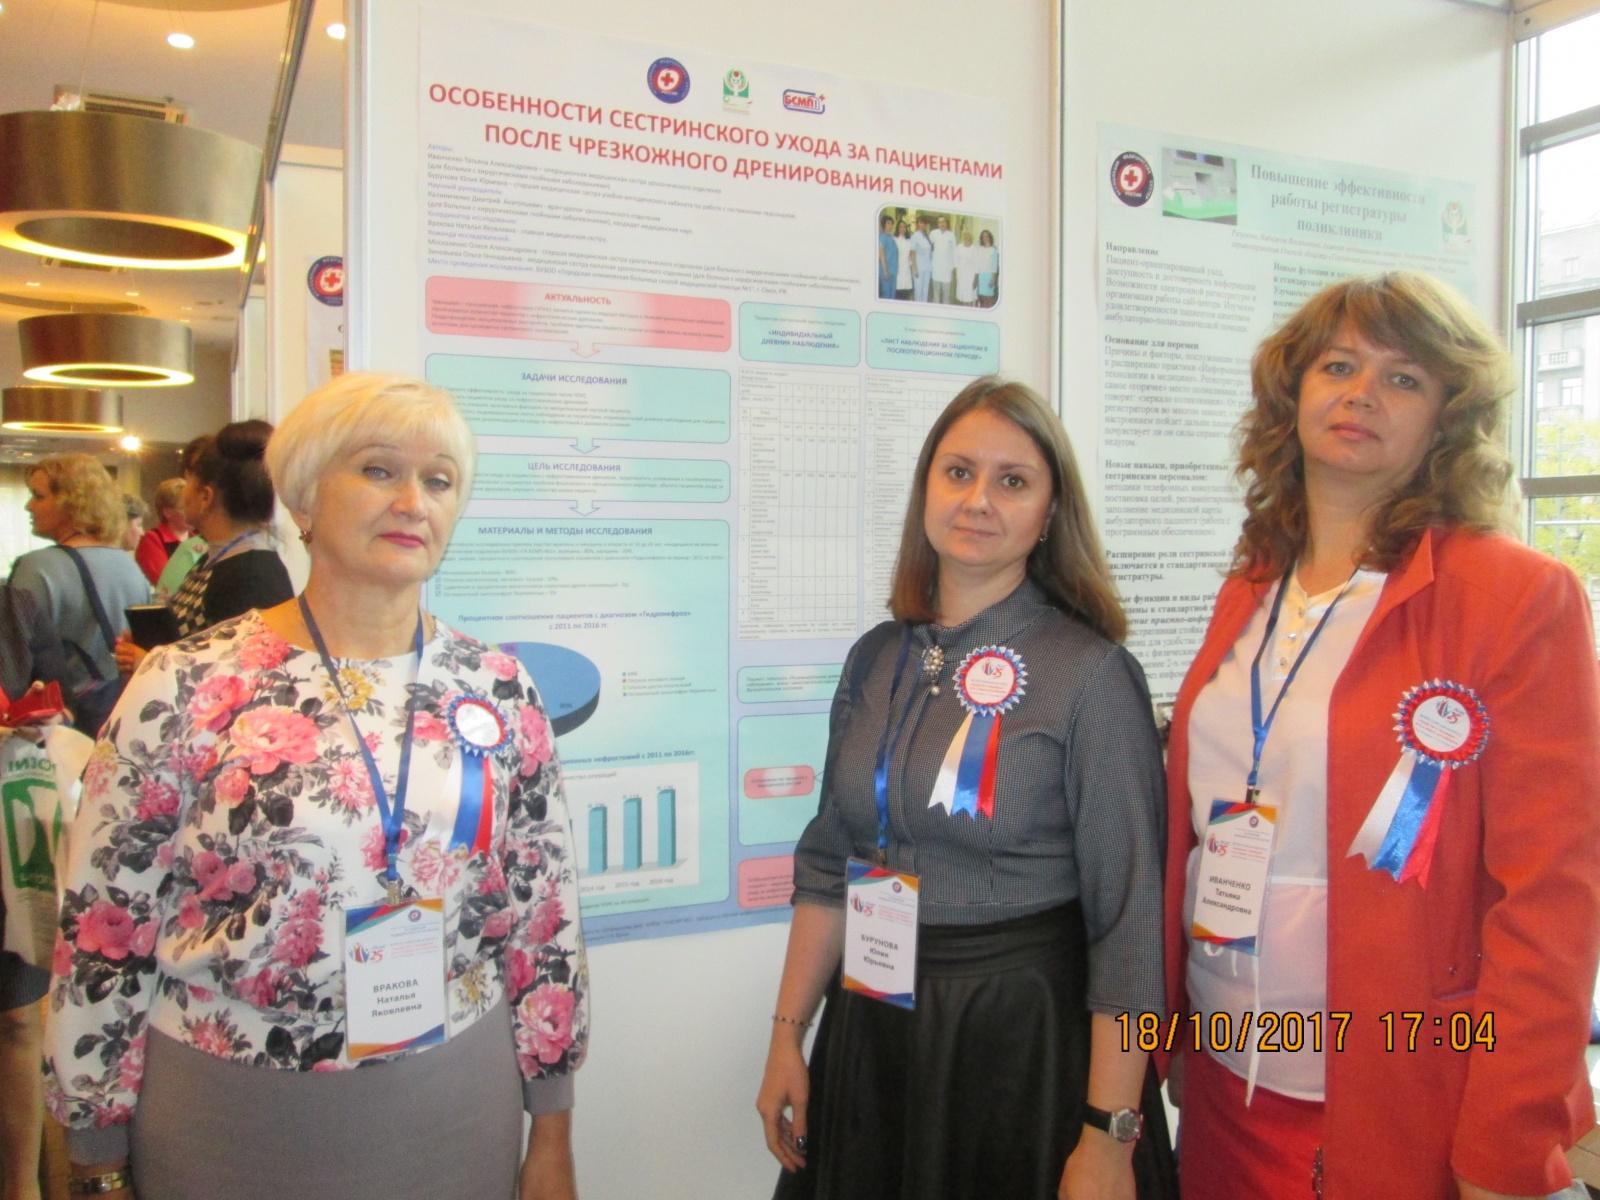 Всероссийский конгресс «Лидерство и инновации — путь к новым достижениям»